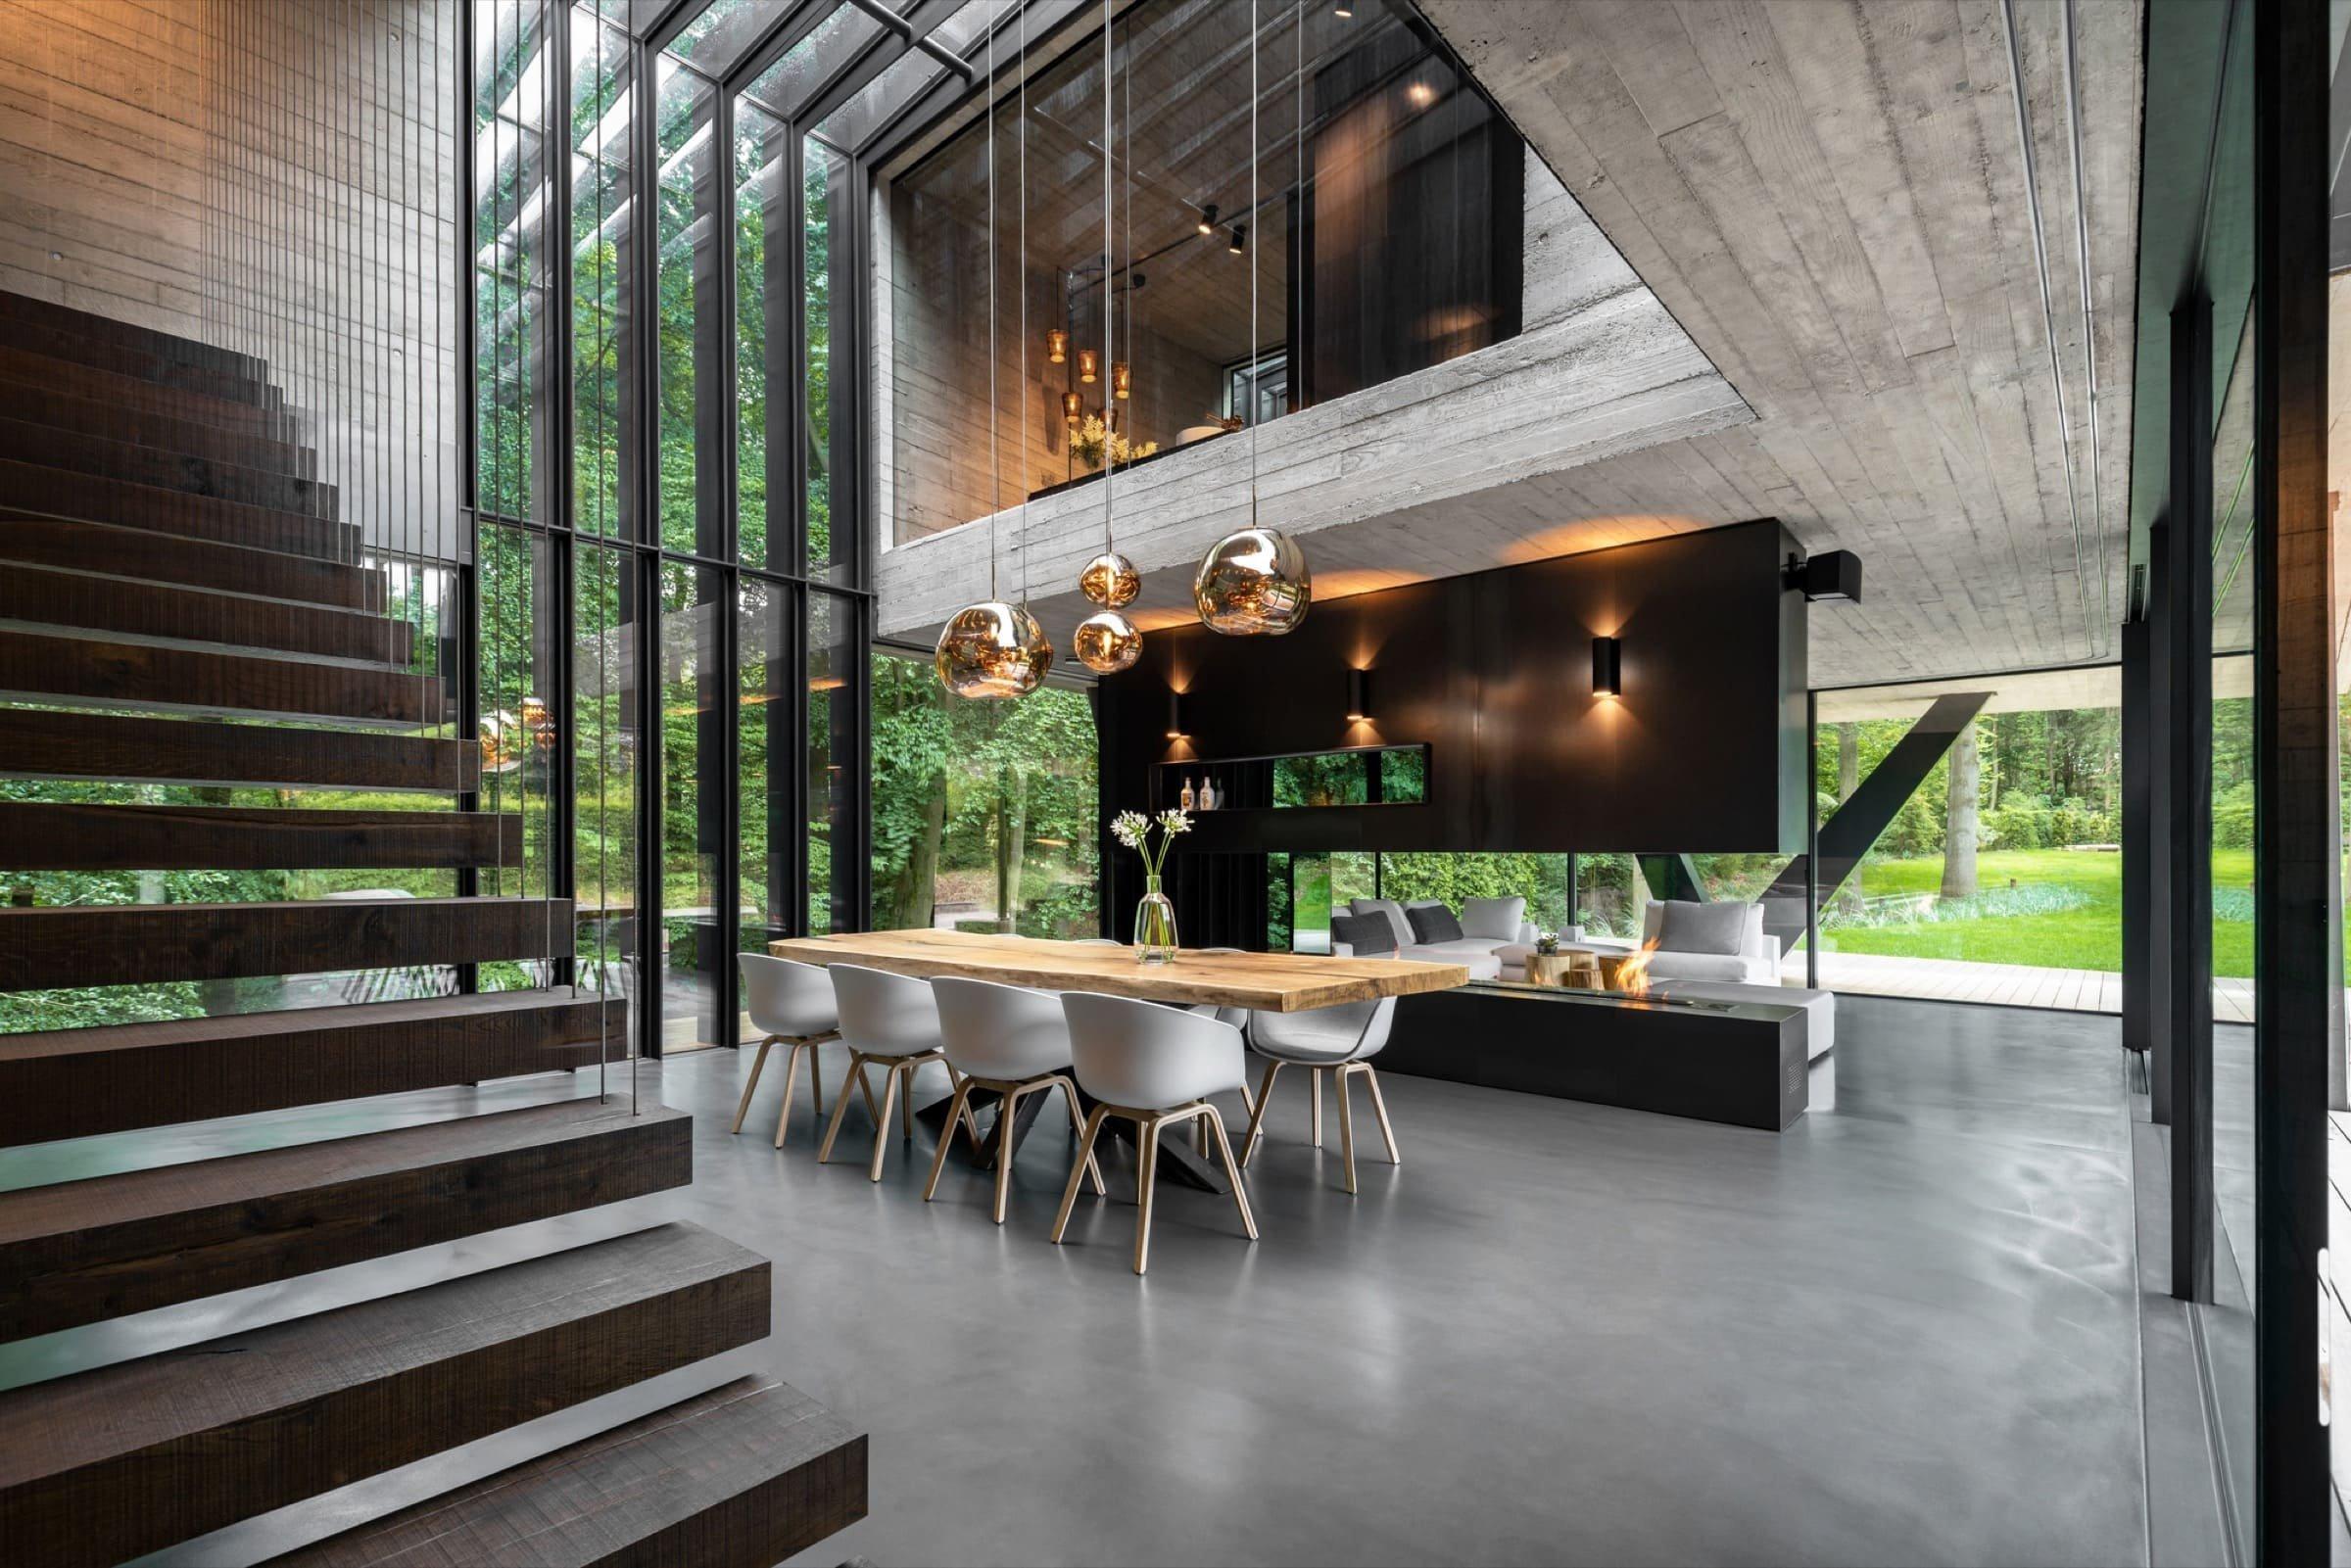 Okna od podlahy až do stropu zaplavují interiér světlem